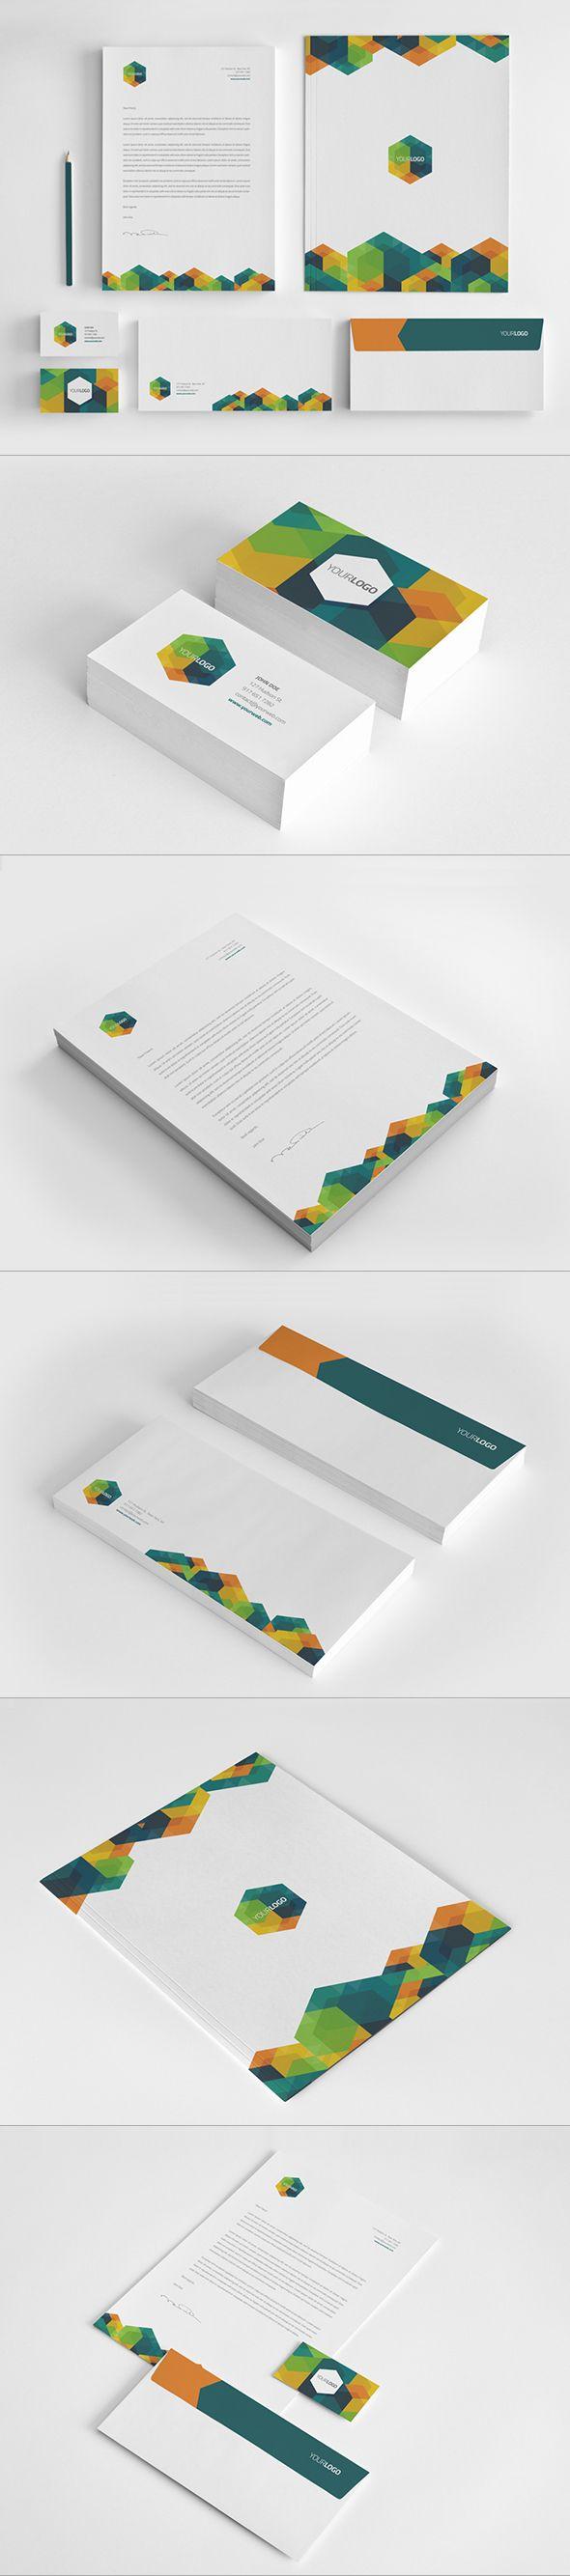 Hexo Stationary Design by Abra Design, via Behance